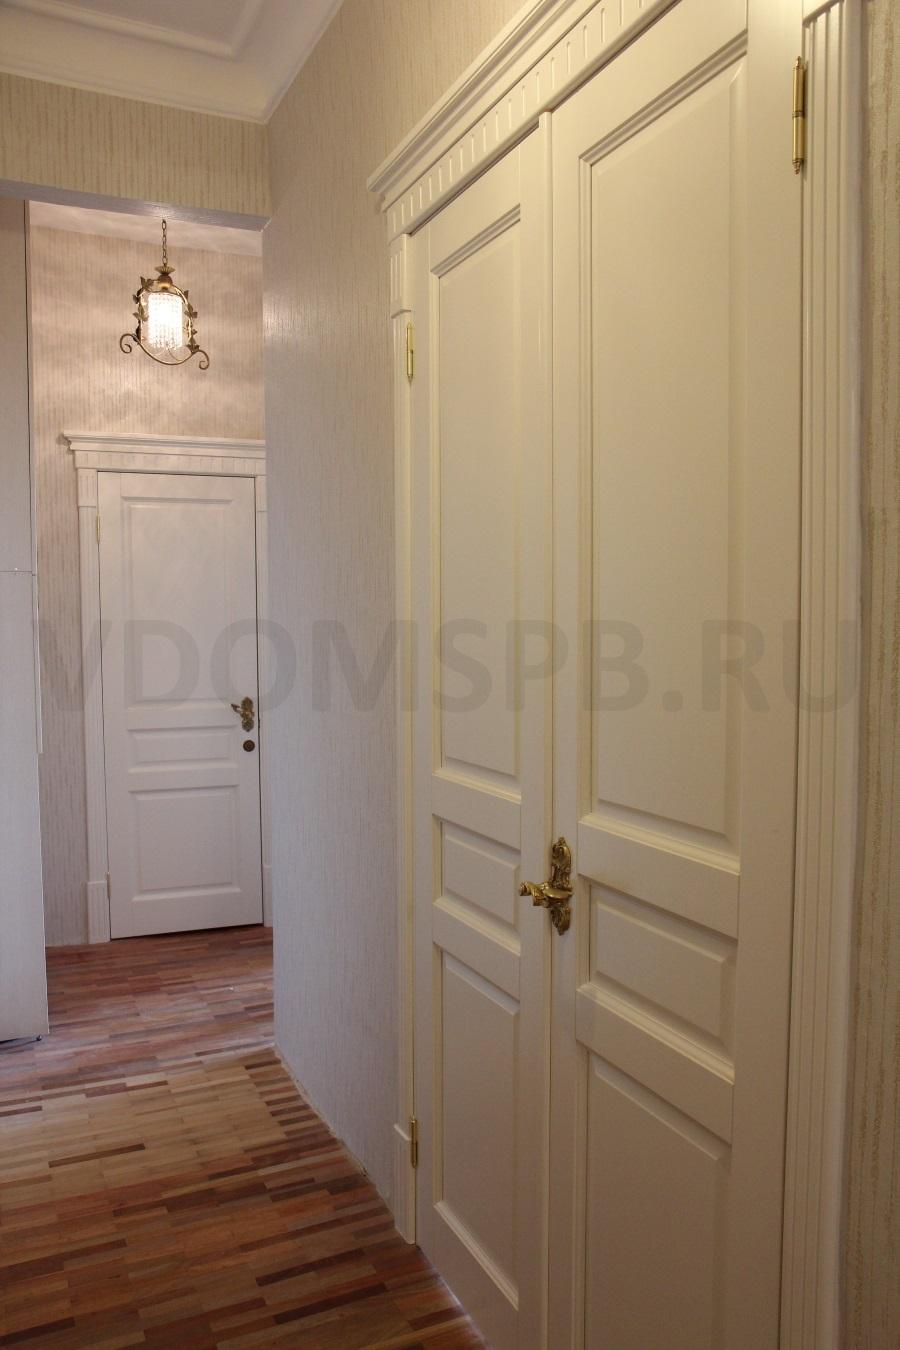 белые двери из массива ольхи с капителями и декоративными элементами